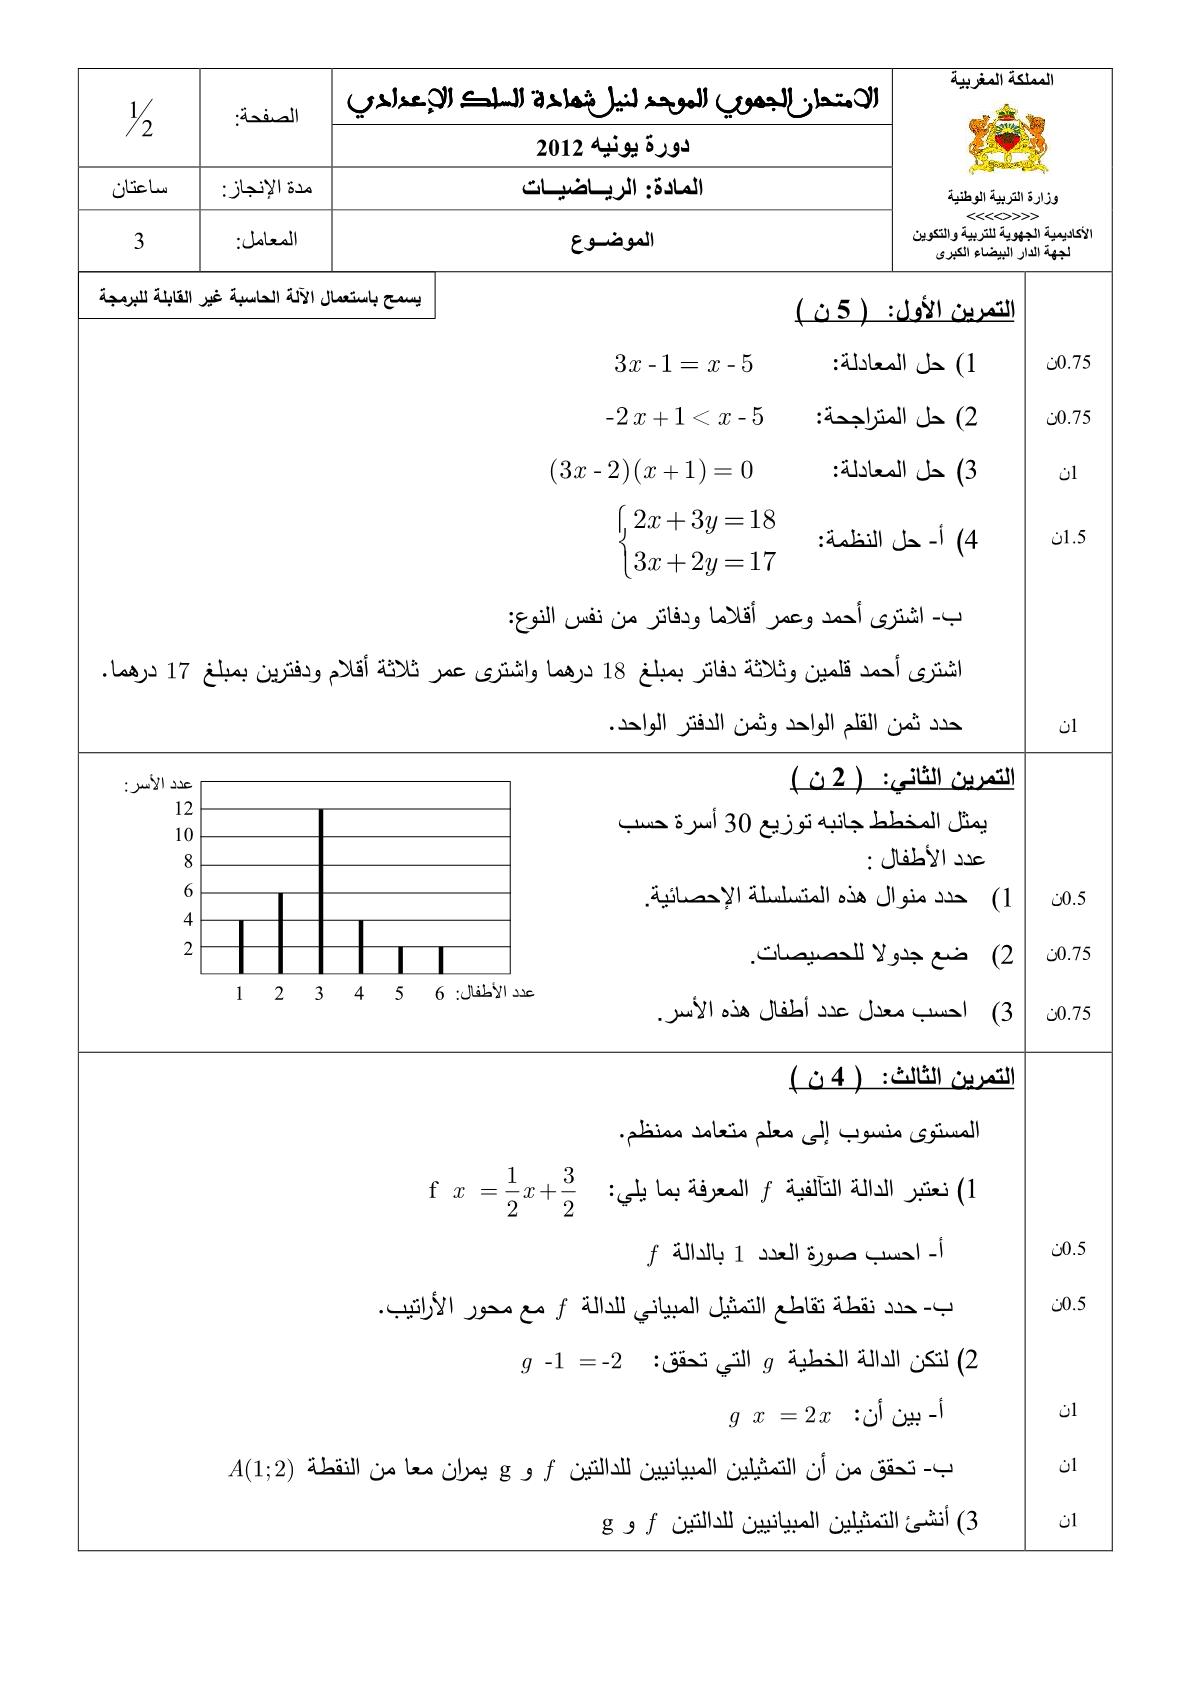 الامتحان الجهوي الموحد لنيل شهادة السلك الاعدادي لجهة الدار البيضاء الكبرى